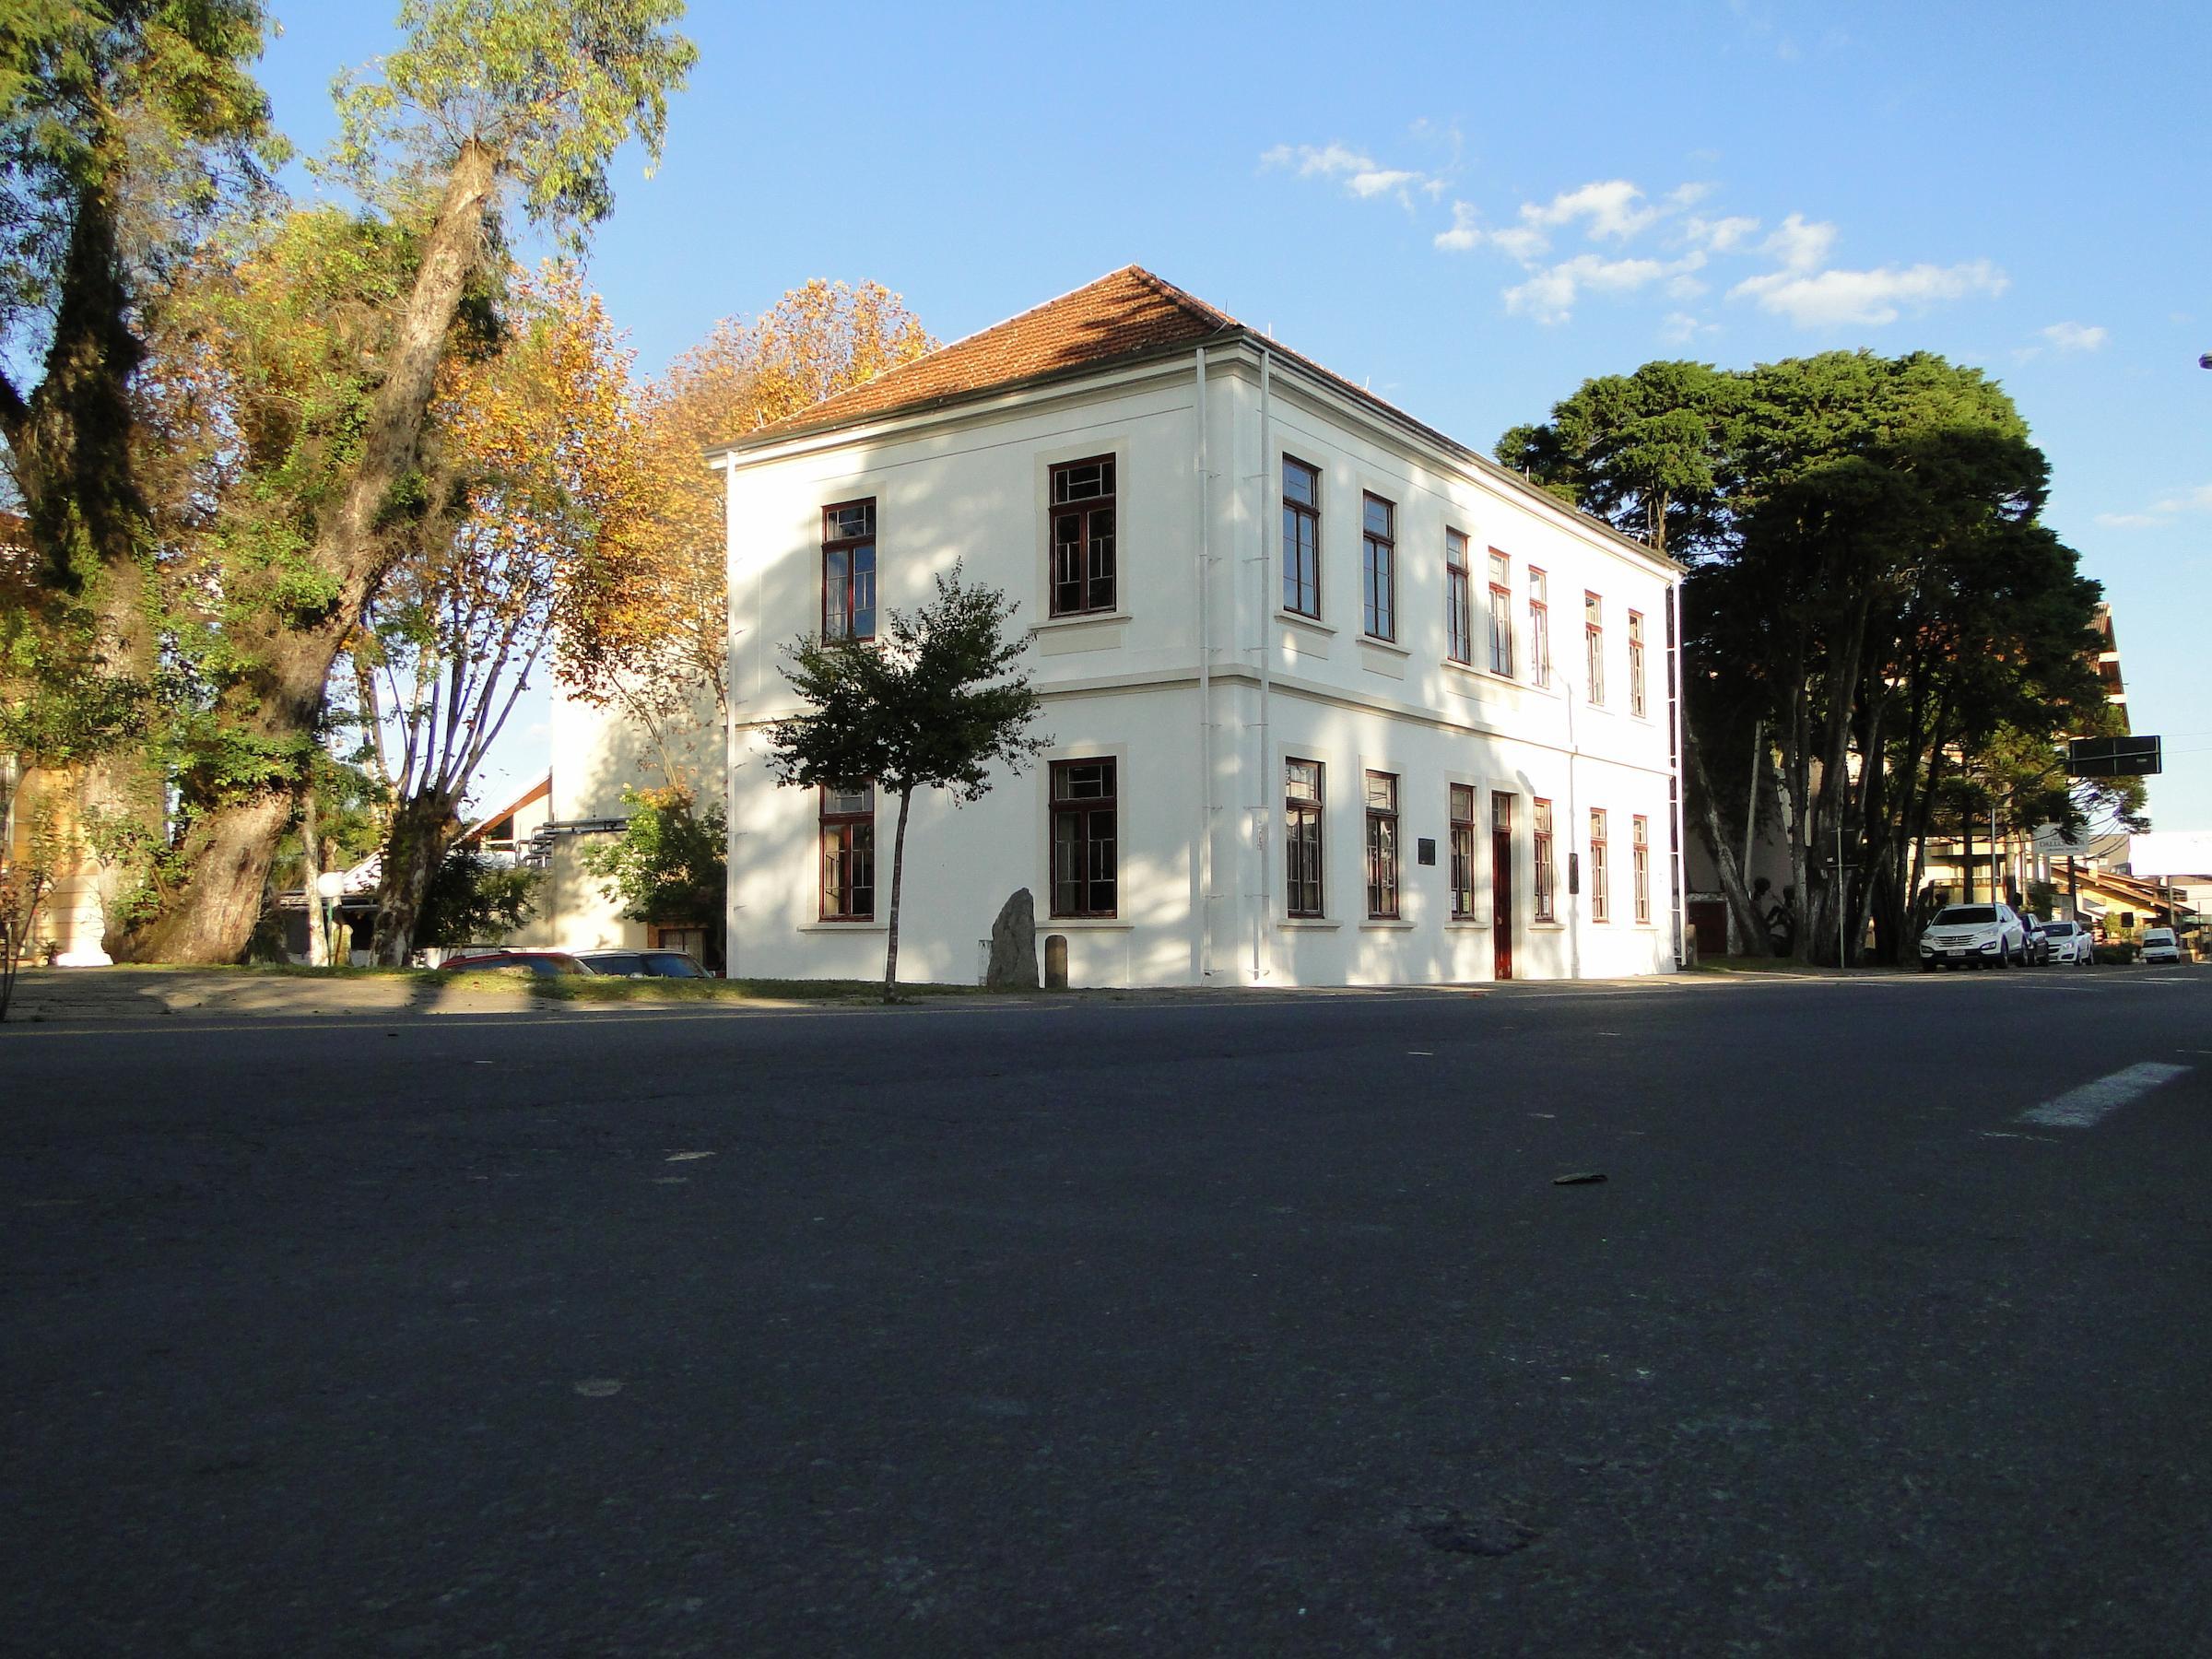 Foto do exterior do prédio do Museu do Imigrante